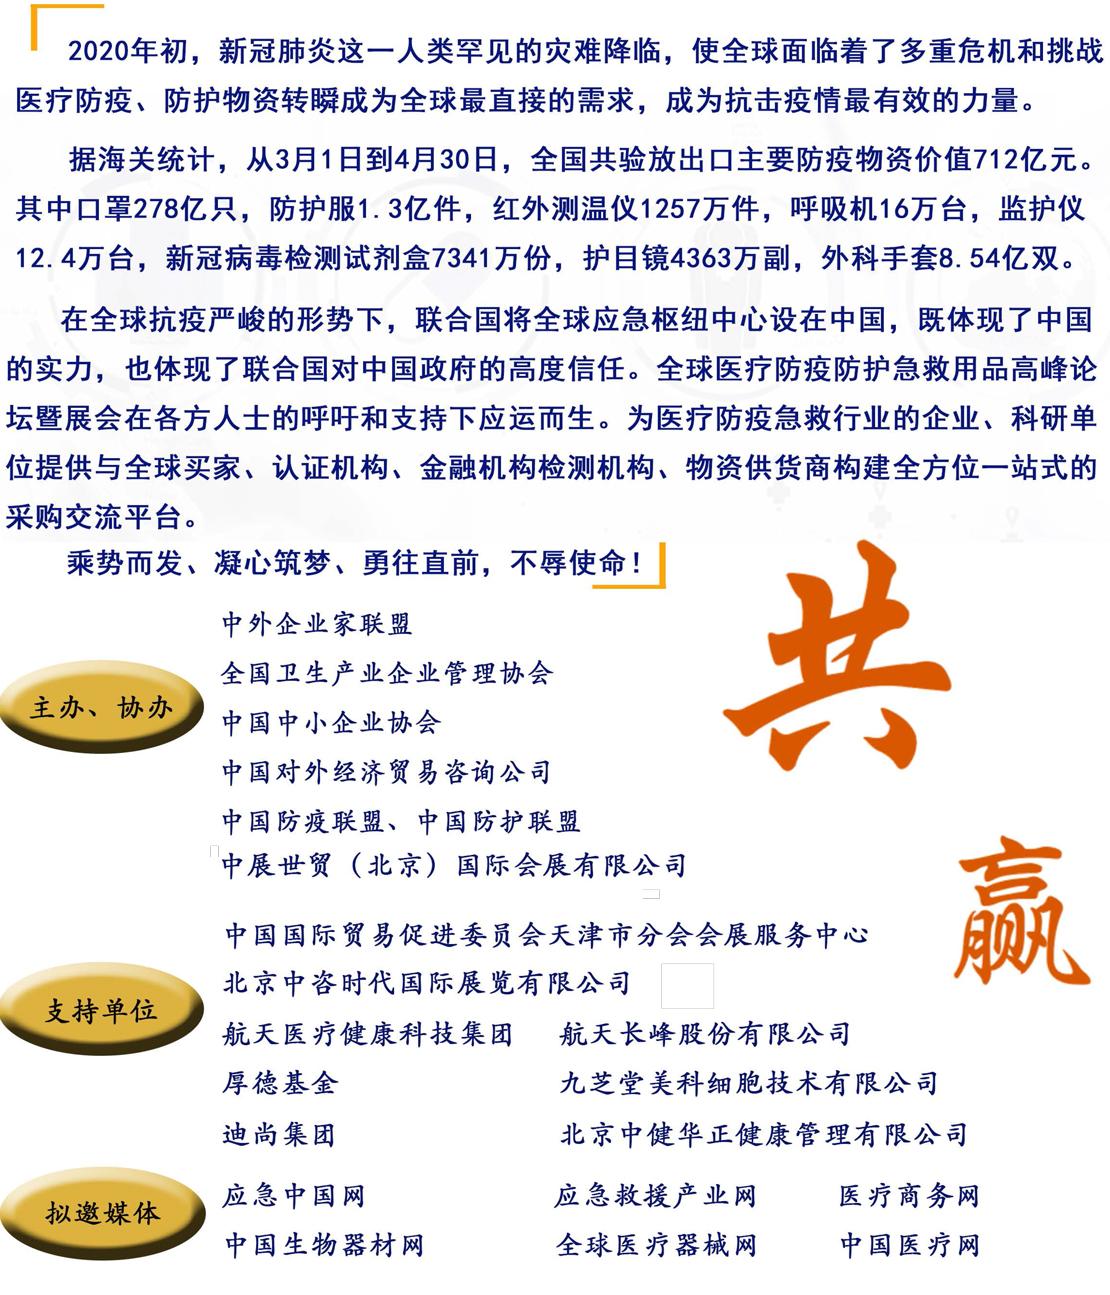 北京防护物资展会0618(1)-2_03.jpg